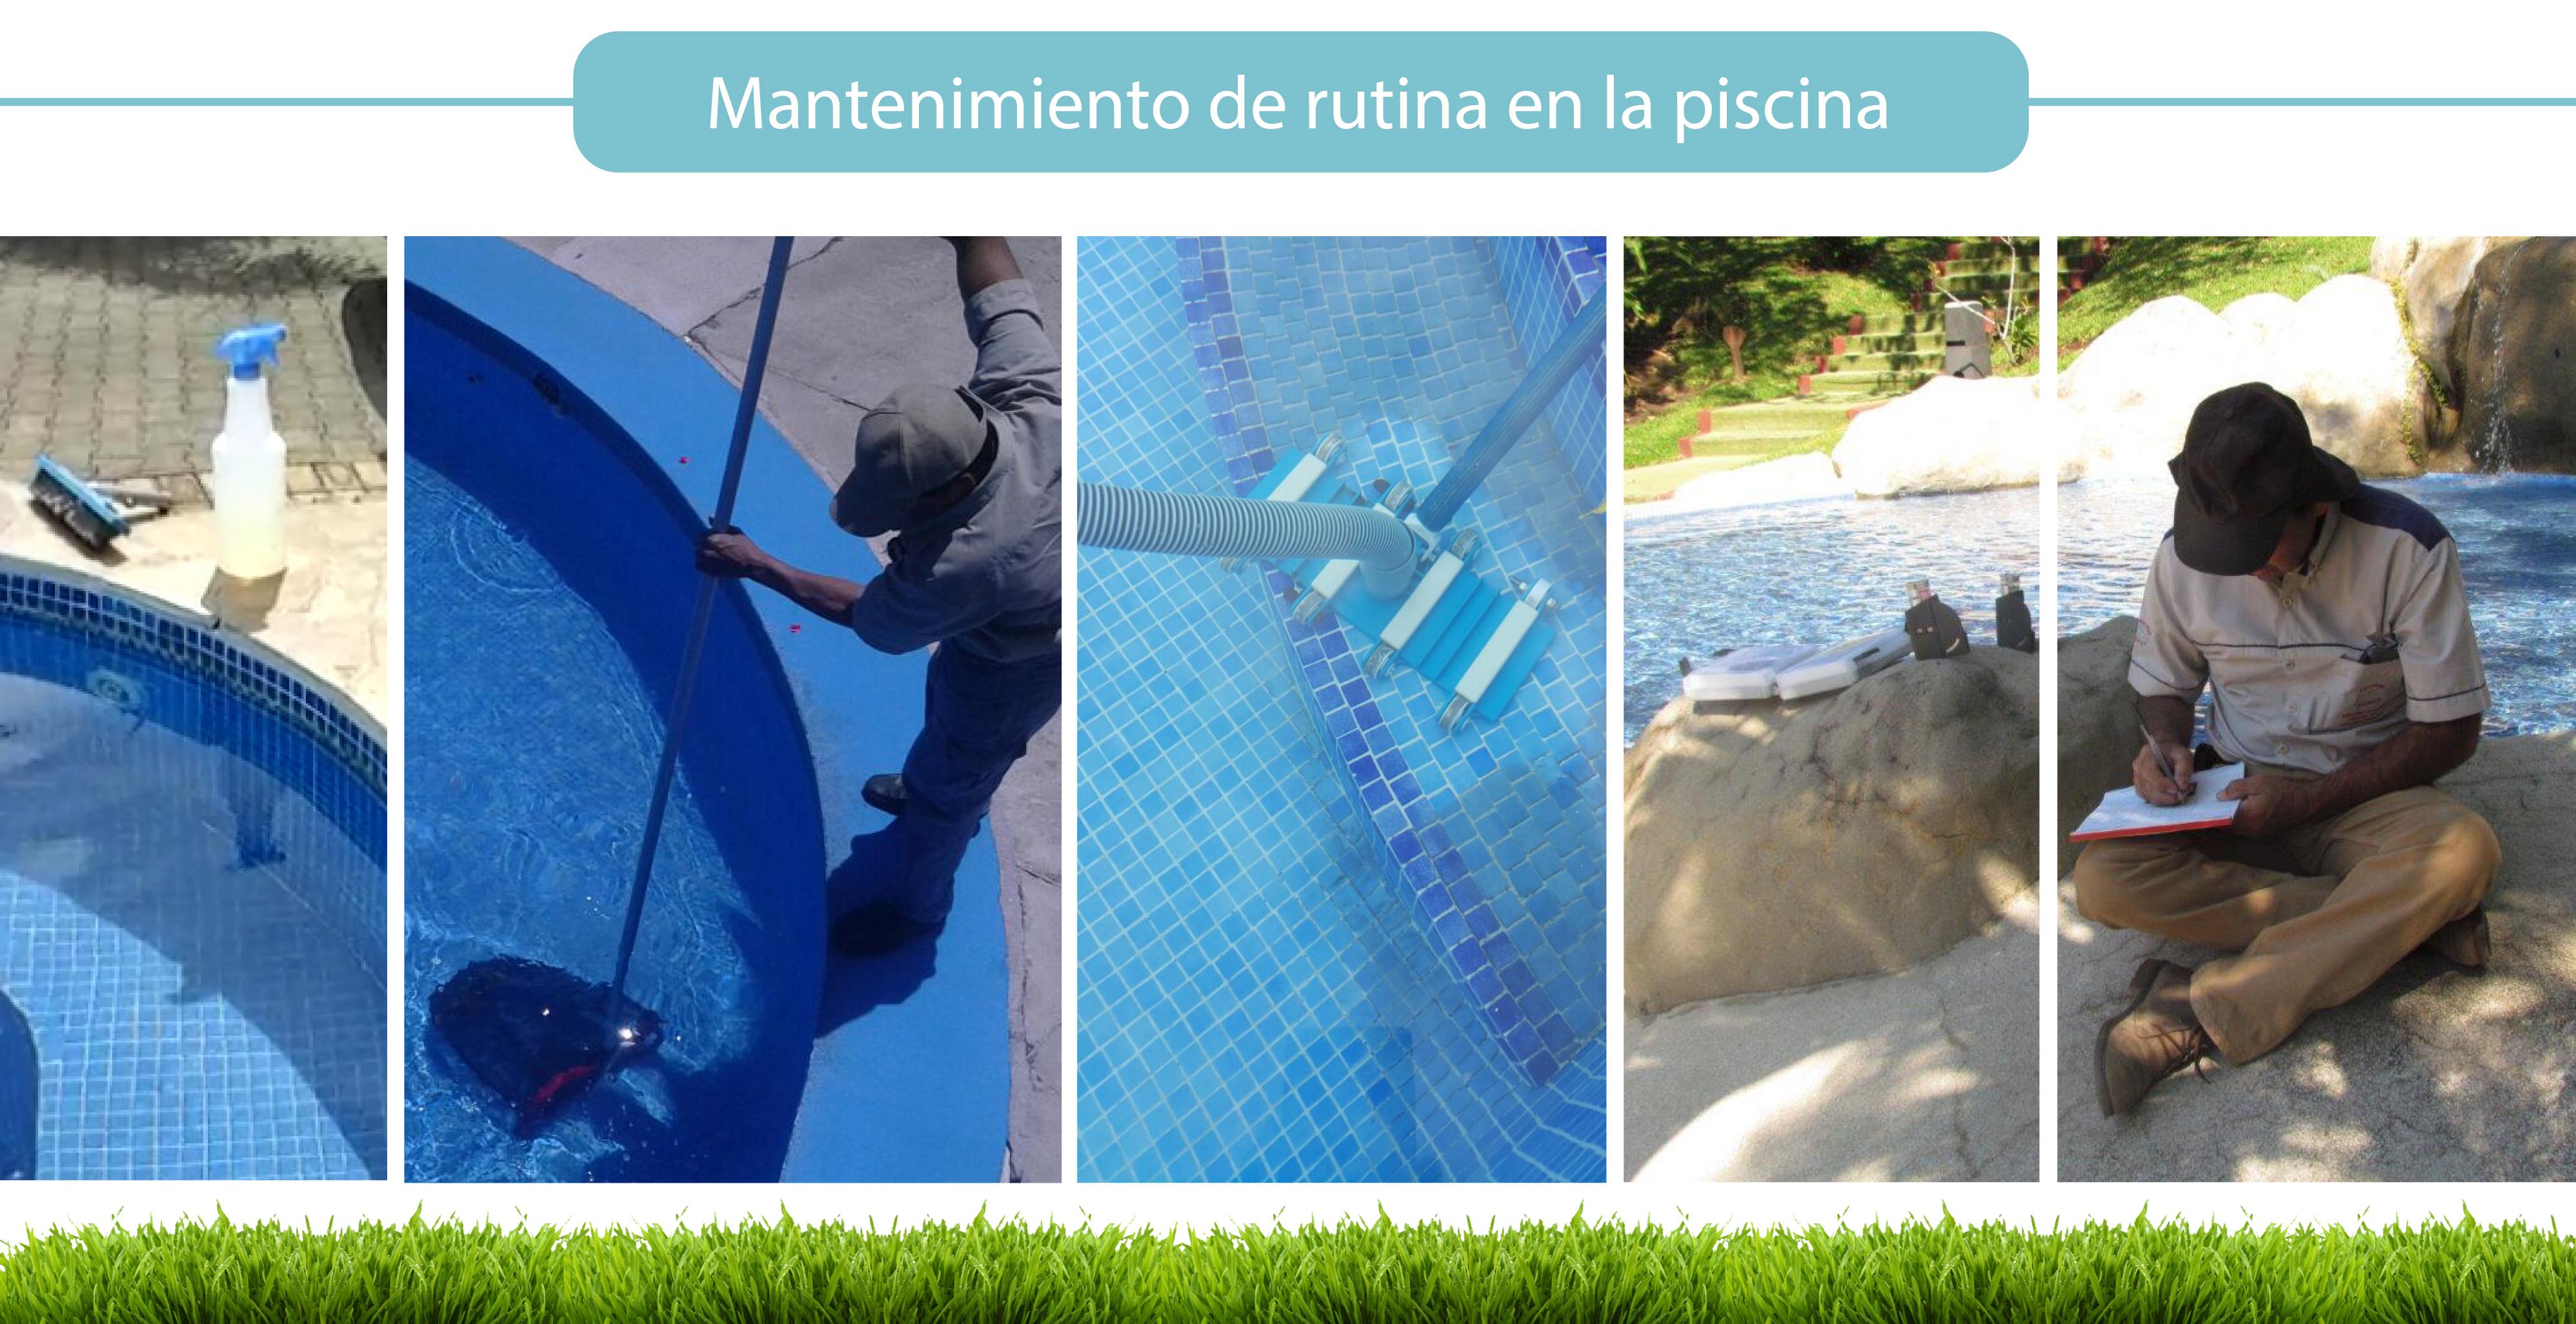 Mantenimiento para piscinas altaq piscinas costa rica for Mantenimiento de piscinas